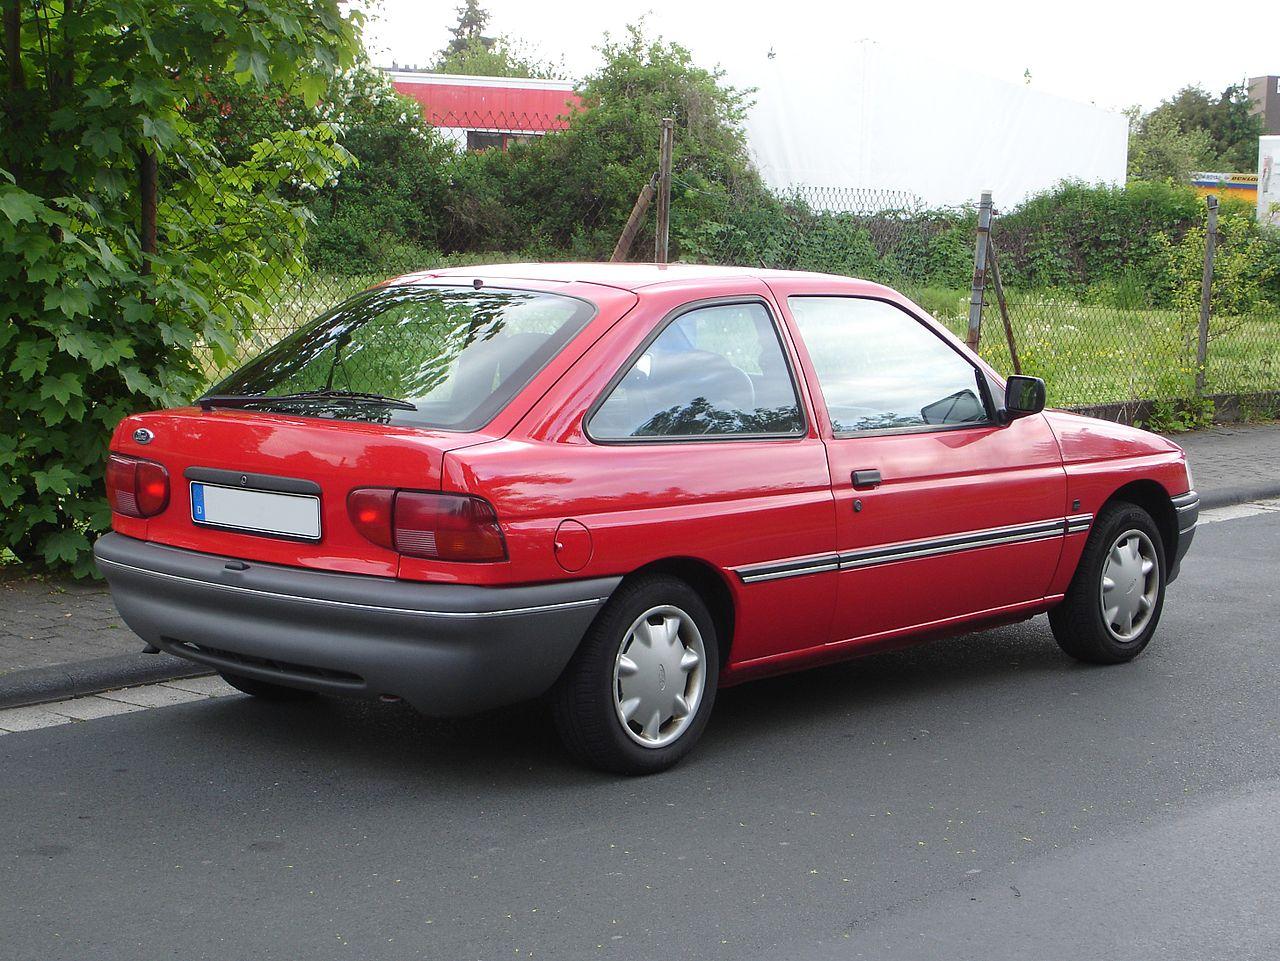 1993 ford escort lx sedan 1 9l manual rh carspecs us 1993 ford escort manual transmission 1993 ford escort manual transmission